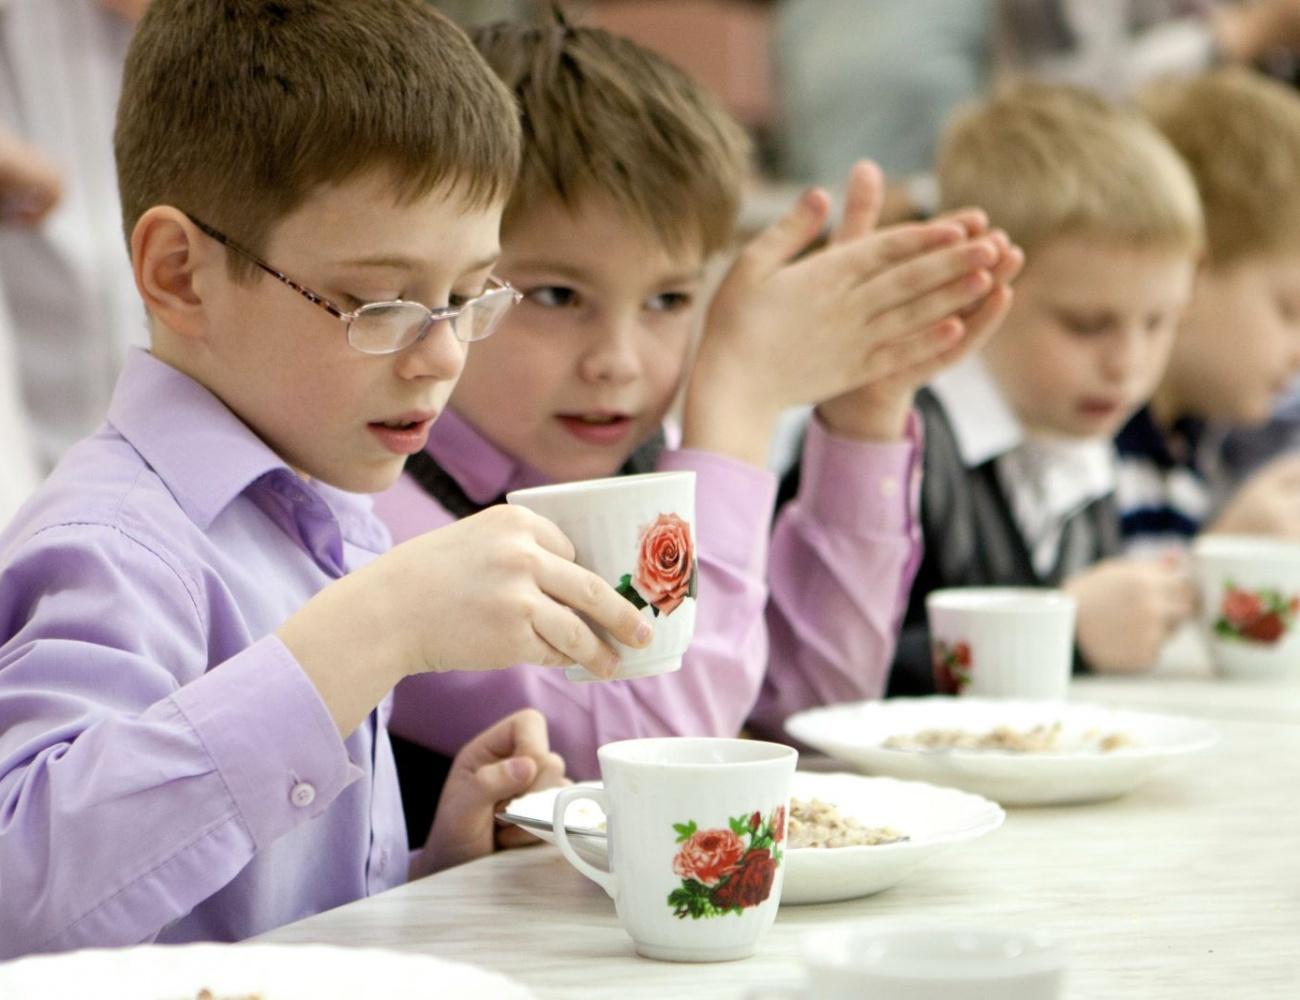 Бесплатное питание в школе в 2018 учебном году: кому положено и правила его оформления 13